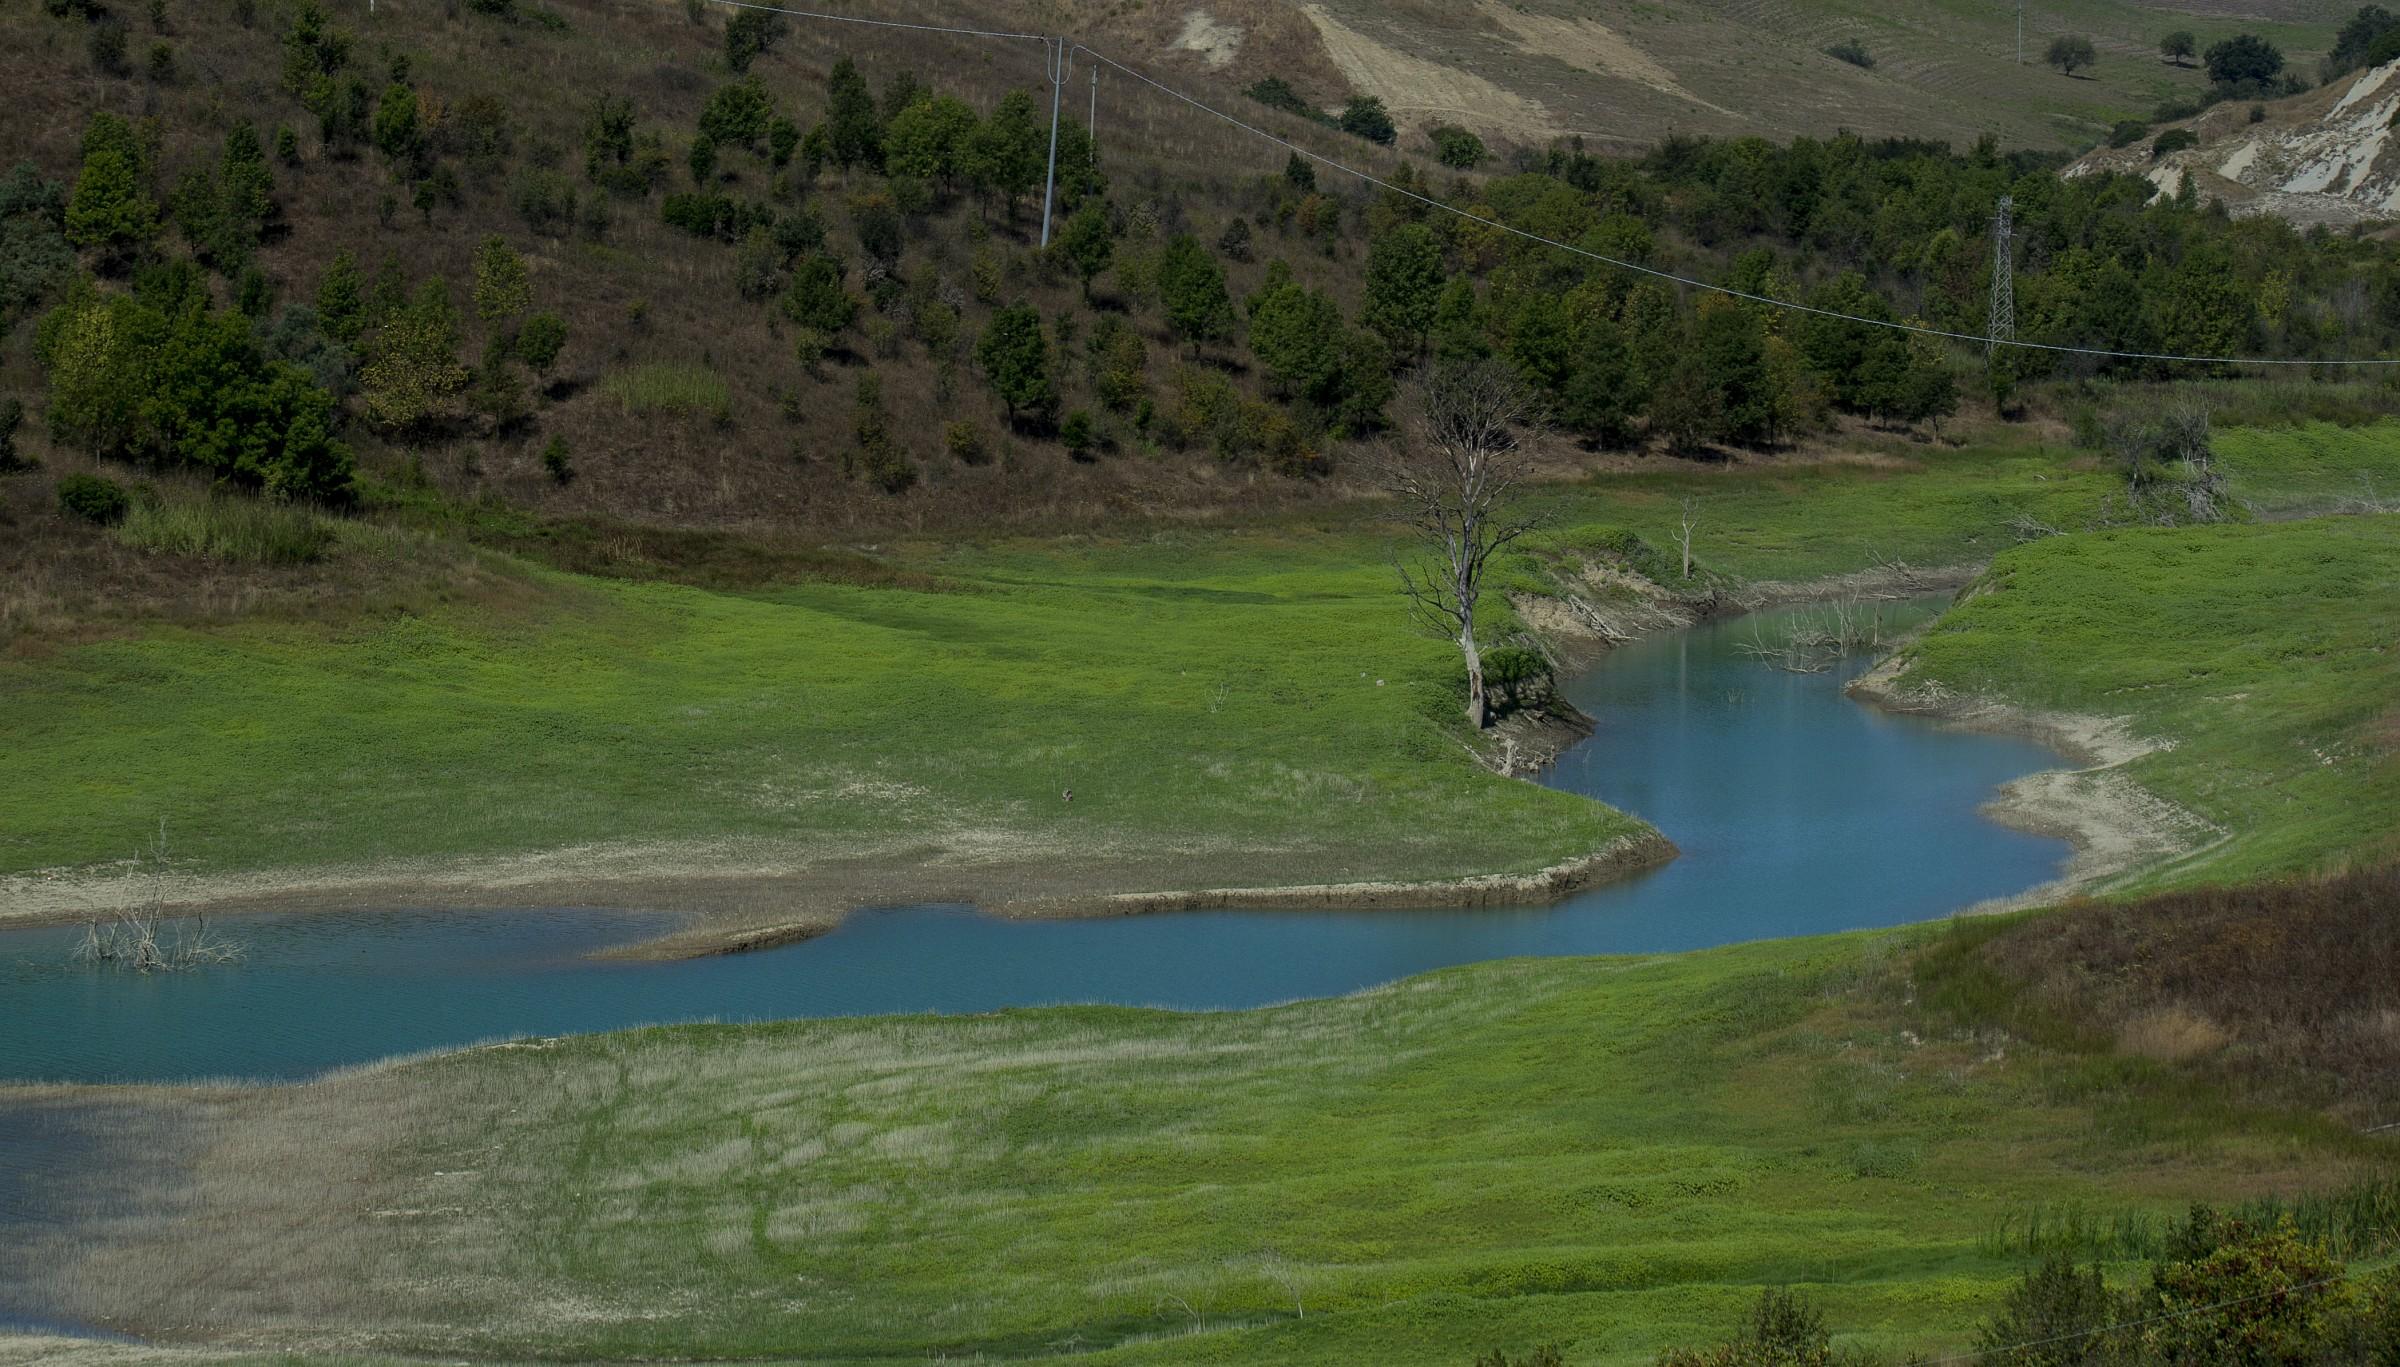 Braccio d'acqua della diga di Montecotugno...